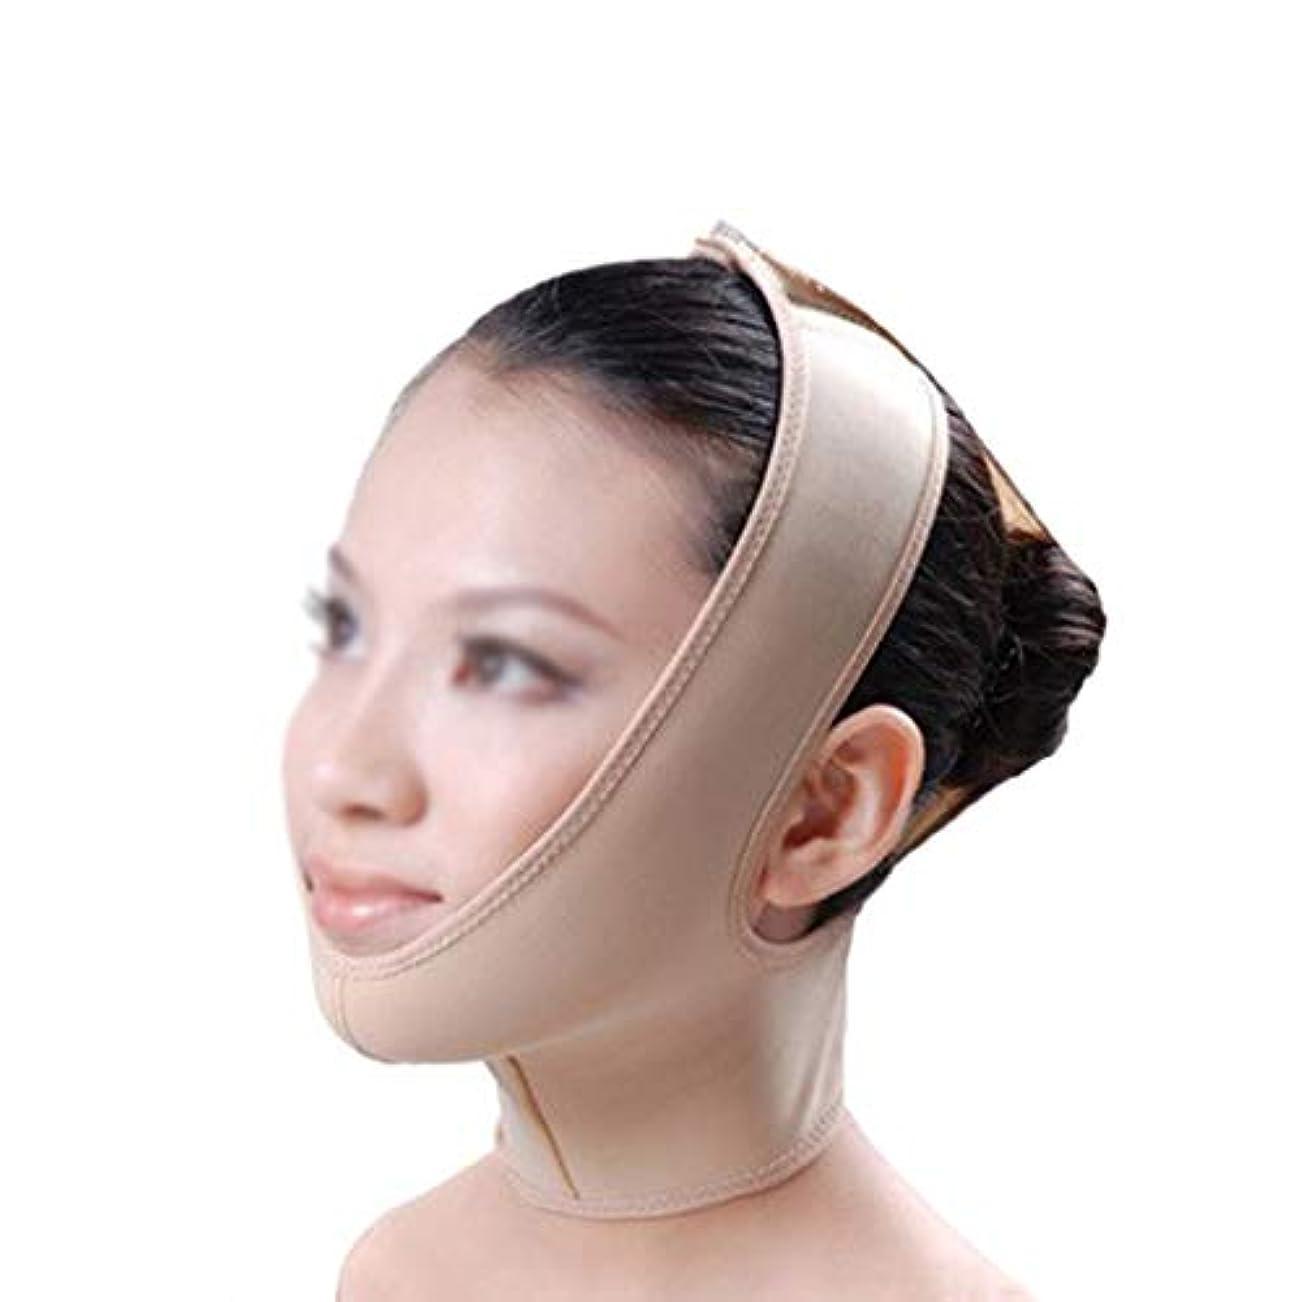 滑り台バリアカールダブルチンストラップ、包帯リフト、引き締めフェイシャルリフト、フェイシャル減量マスク、リフティングスキン包帯,男性と女性の両方が使用できます (Size : M)